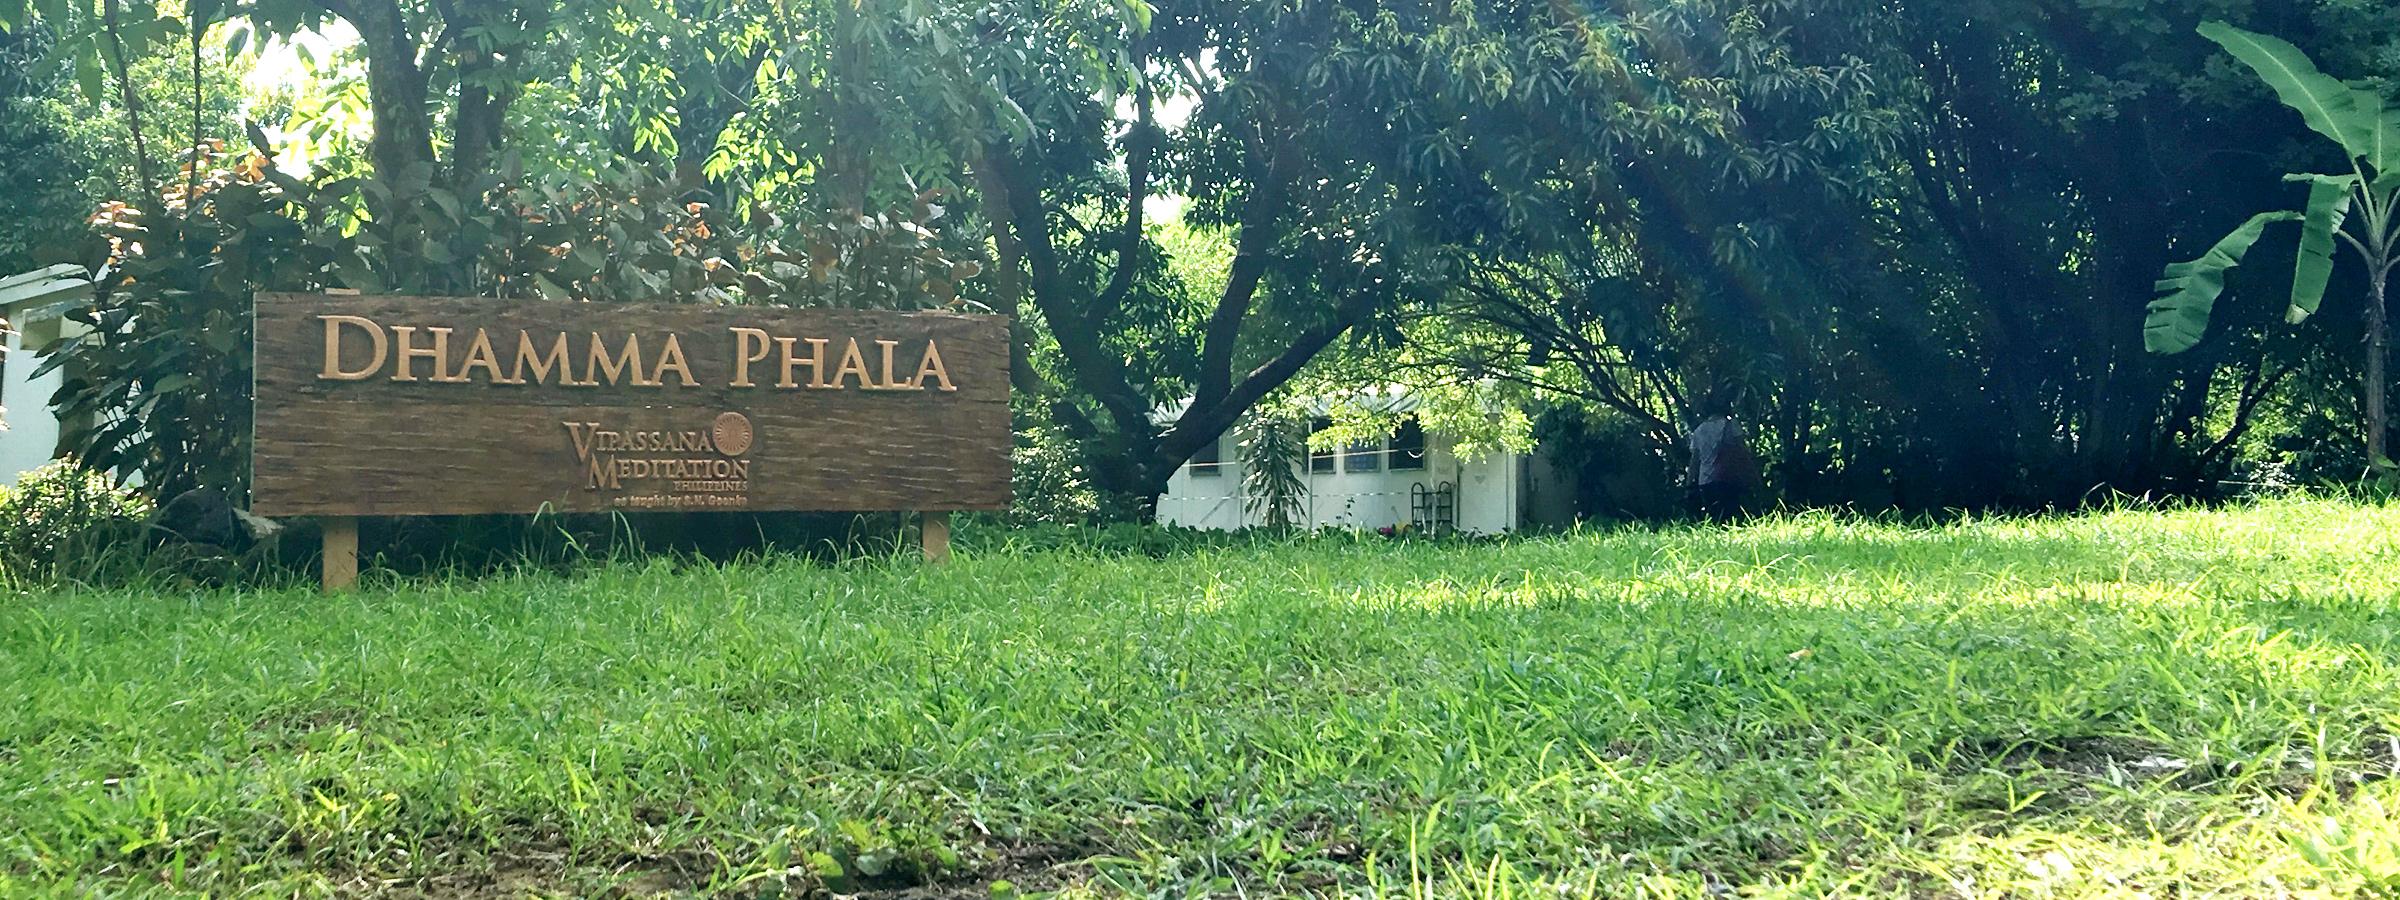 Dhamma Phala Signage.jpg